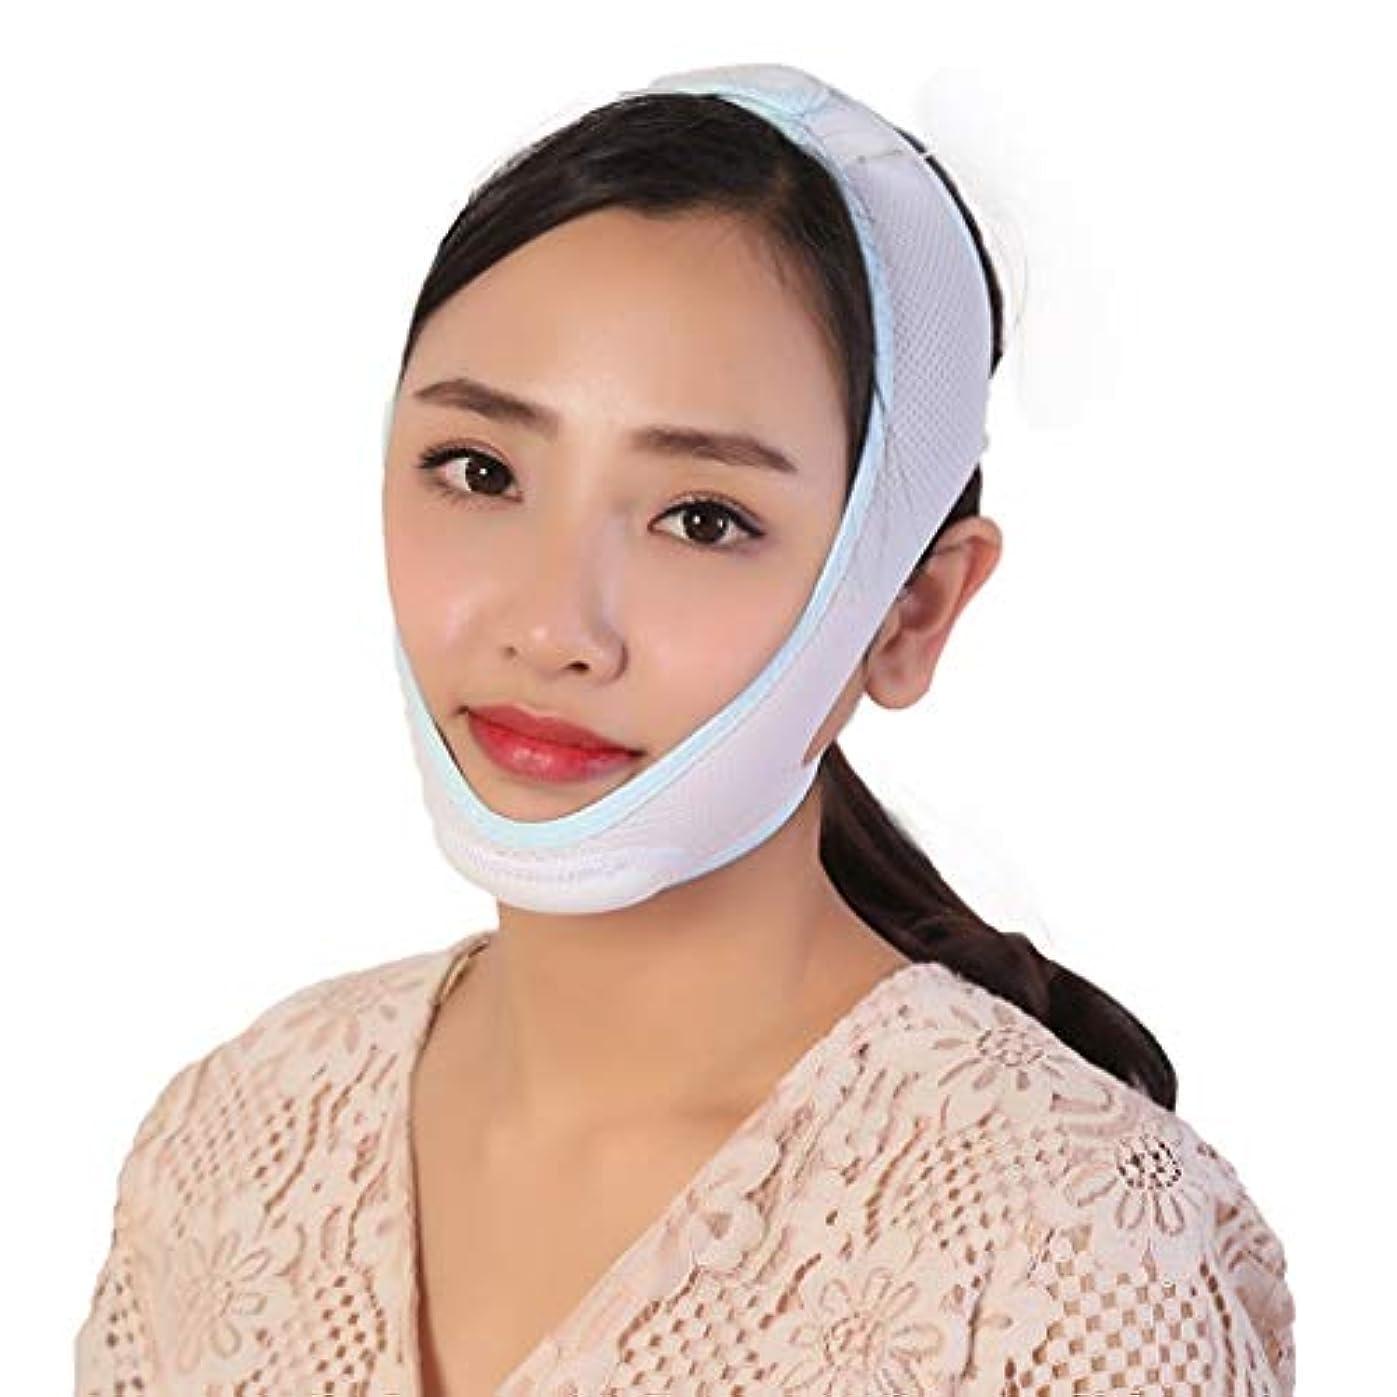 不可能なステップ大学生Jia He 軽量 アンチリンクル二重あごのリフトベルトを持ち上げる薄い顔ベルト、Vフェイスアーティファクト・フェイシャルスリミング包帯通気性 ## (Color : Light blue)